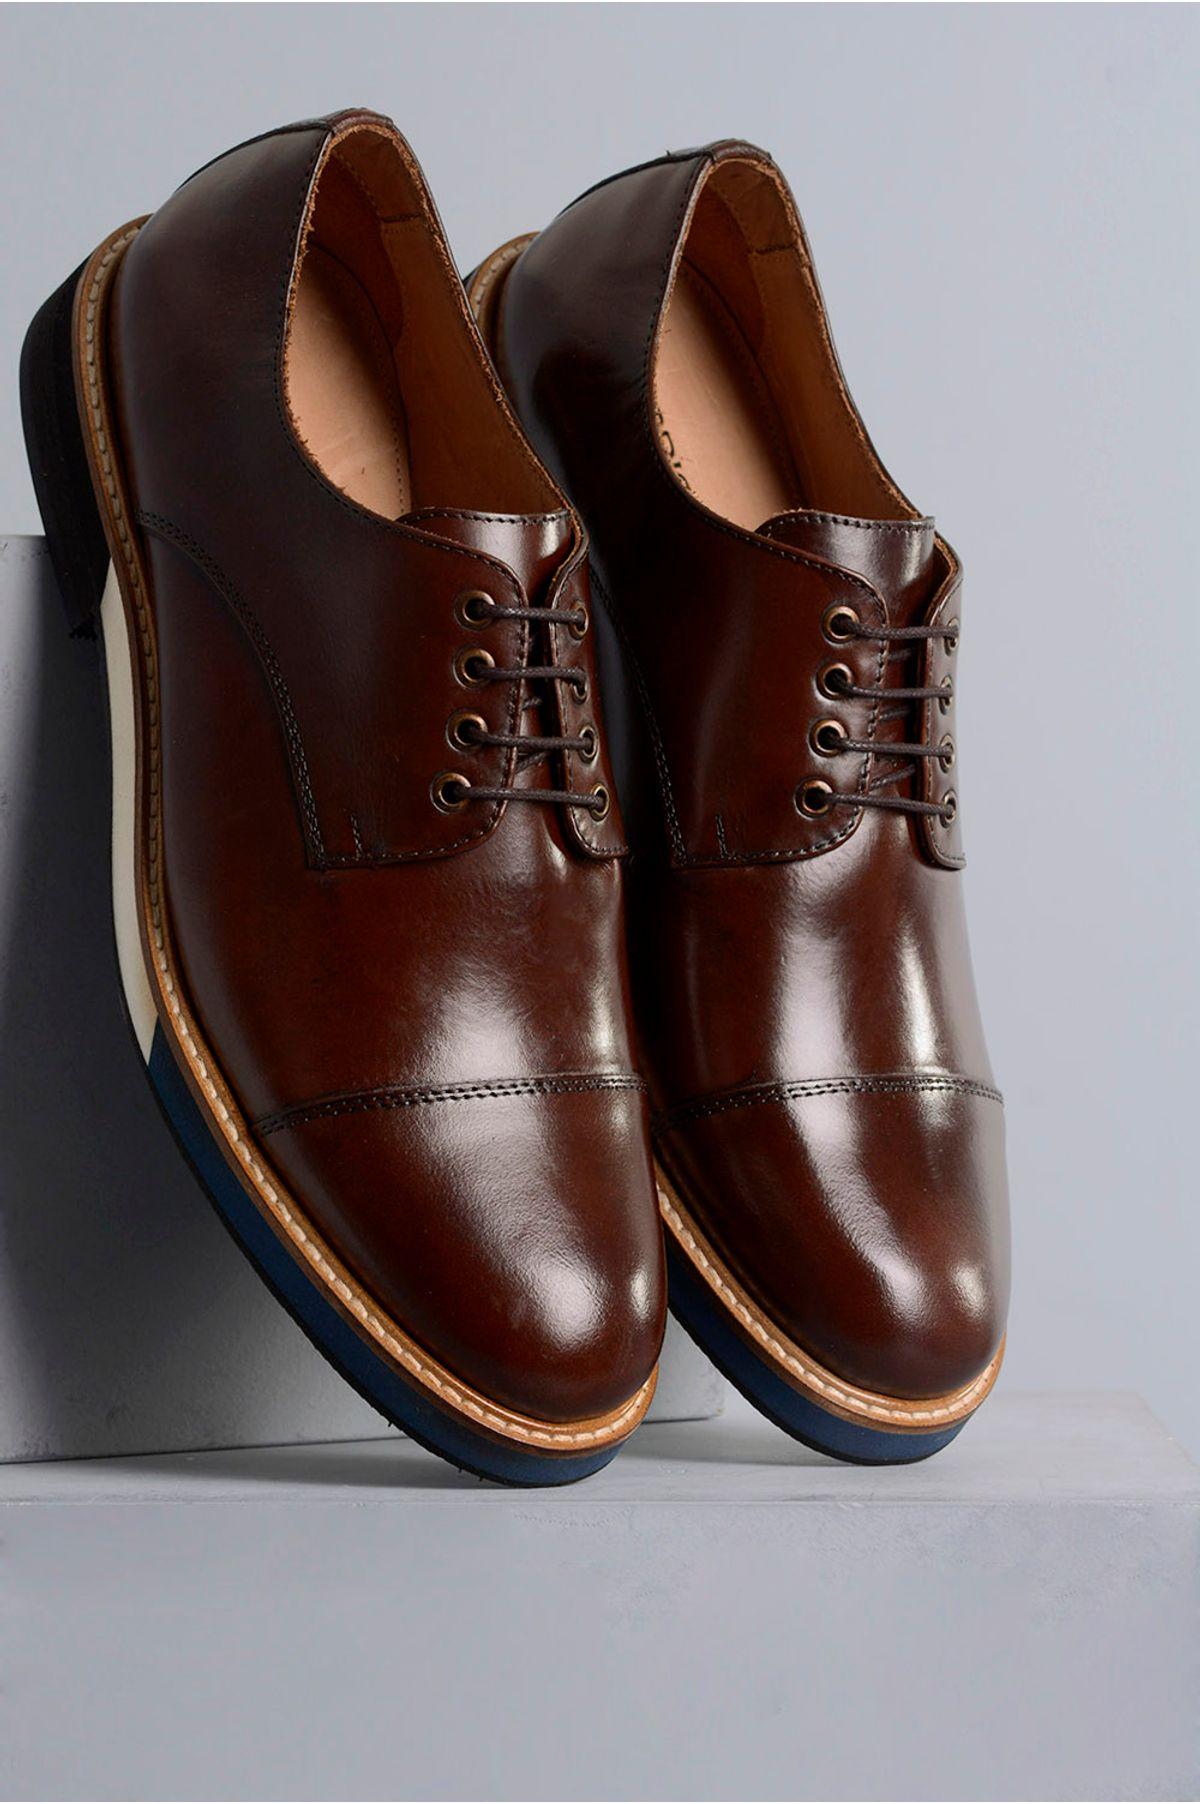 af1f677546 Sapato Masculino Marcio Mundial CR-MOURA - Mundial Calçados